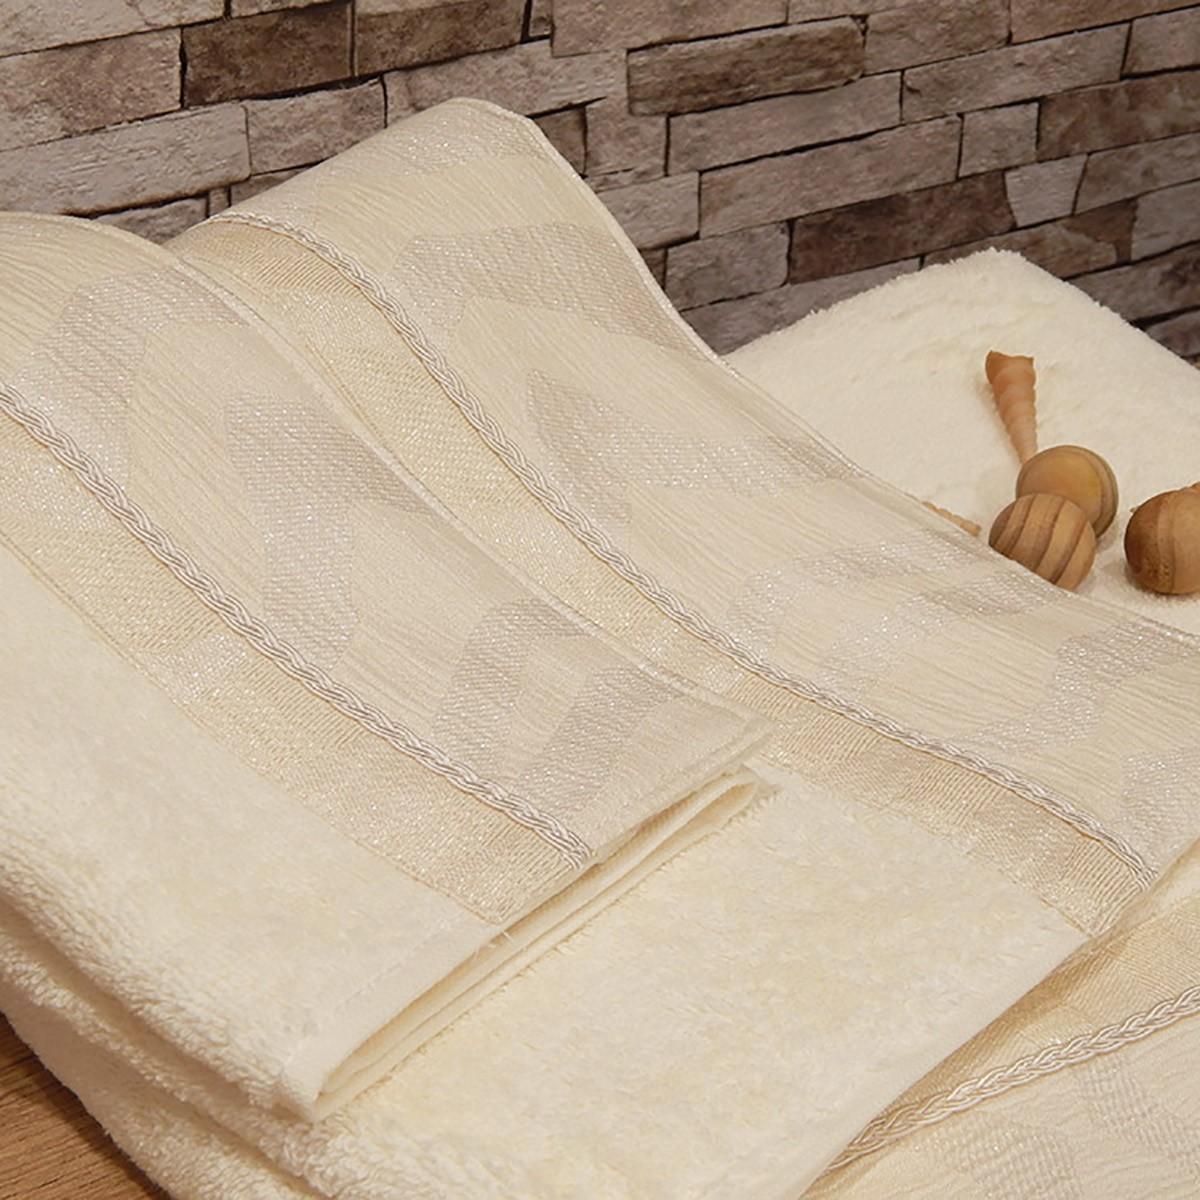 Πετσέτες Μπάνιου (Σετ 3τμχ) Omega Home Des 165